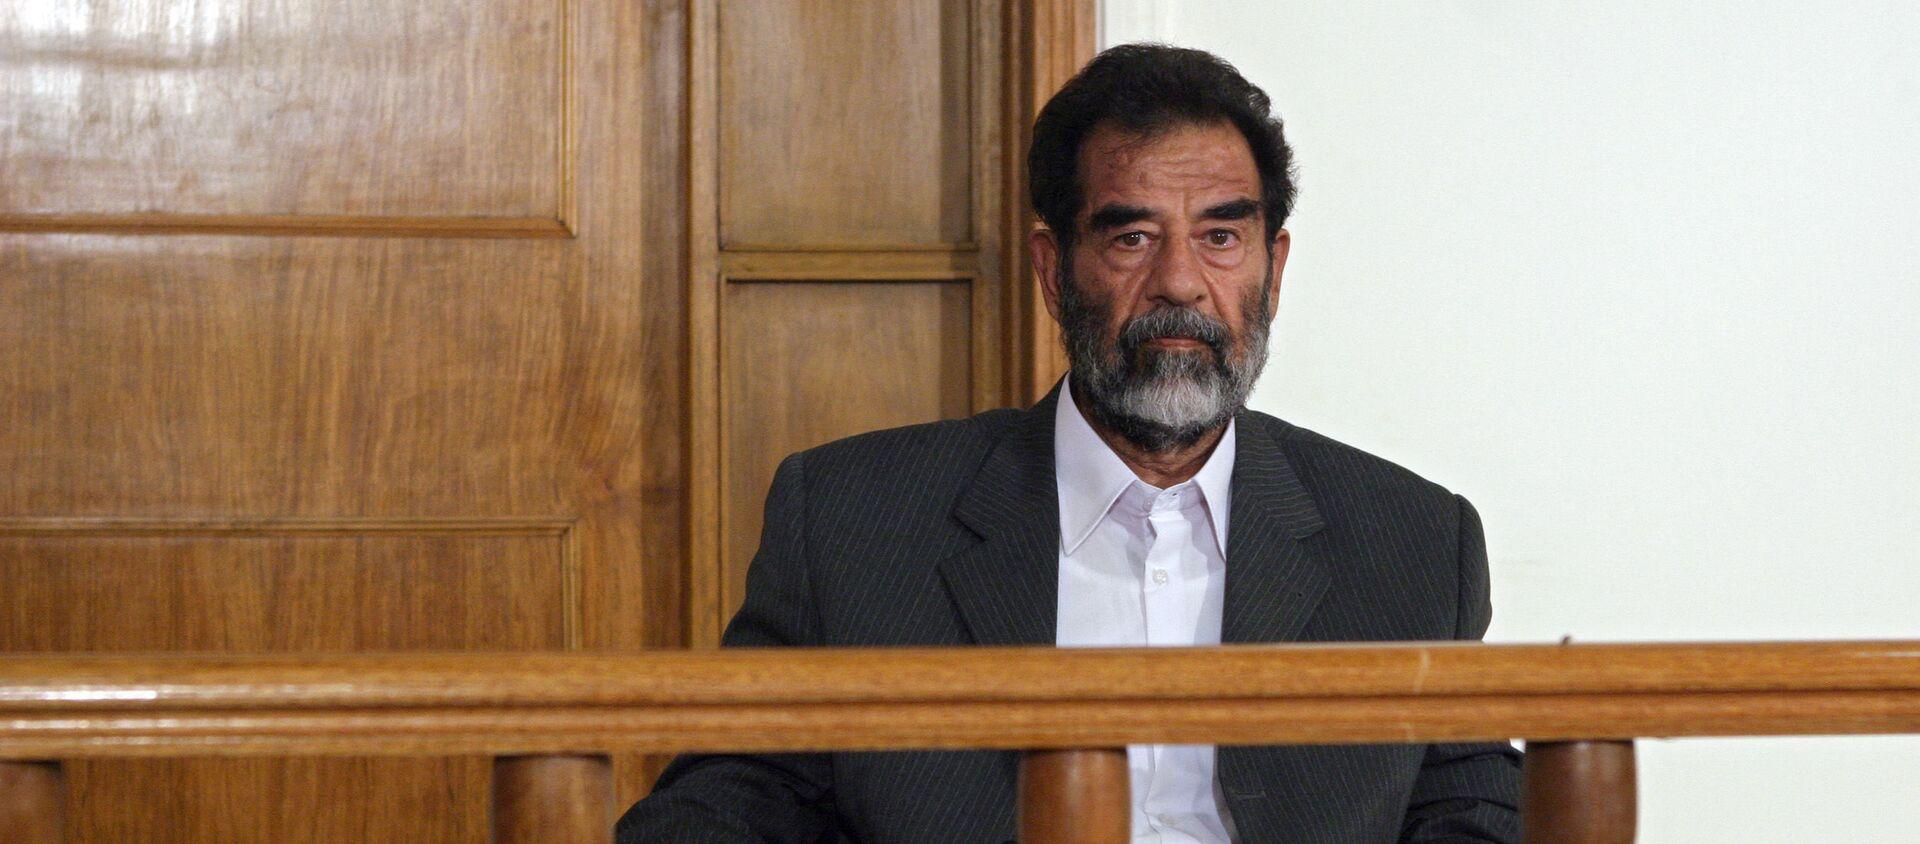 Бывший иракский диктатор Саддам Хусейн сидит в зале суда в Багдаде во время своего первого выступления перед судьей, где он заслушивает ряд обвинений, которые, как ожидается, будут включать геноцид, военные преступления и преступления против человечности 1 июля 2004 года. Одиннадцать высокопоставленных членов его режима, включая бывшего заместителя. премьер-министр Тарек Азиз и советник президента Али Хасан аль-Маджид также предстанут перед судом. - Sputnik Абхазия, 1920, 08.02.2021